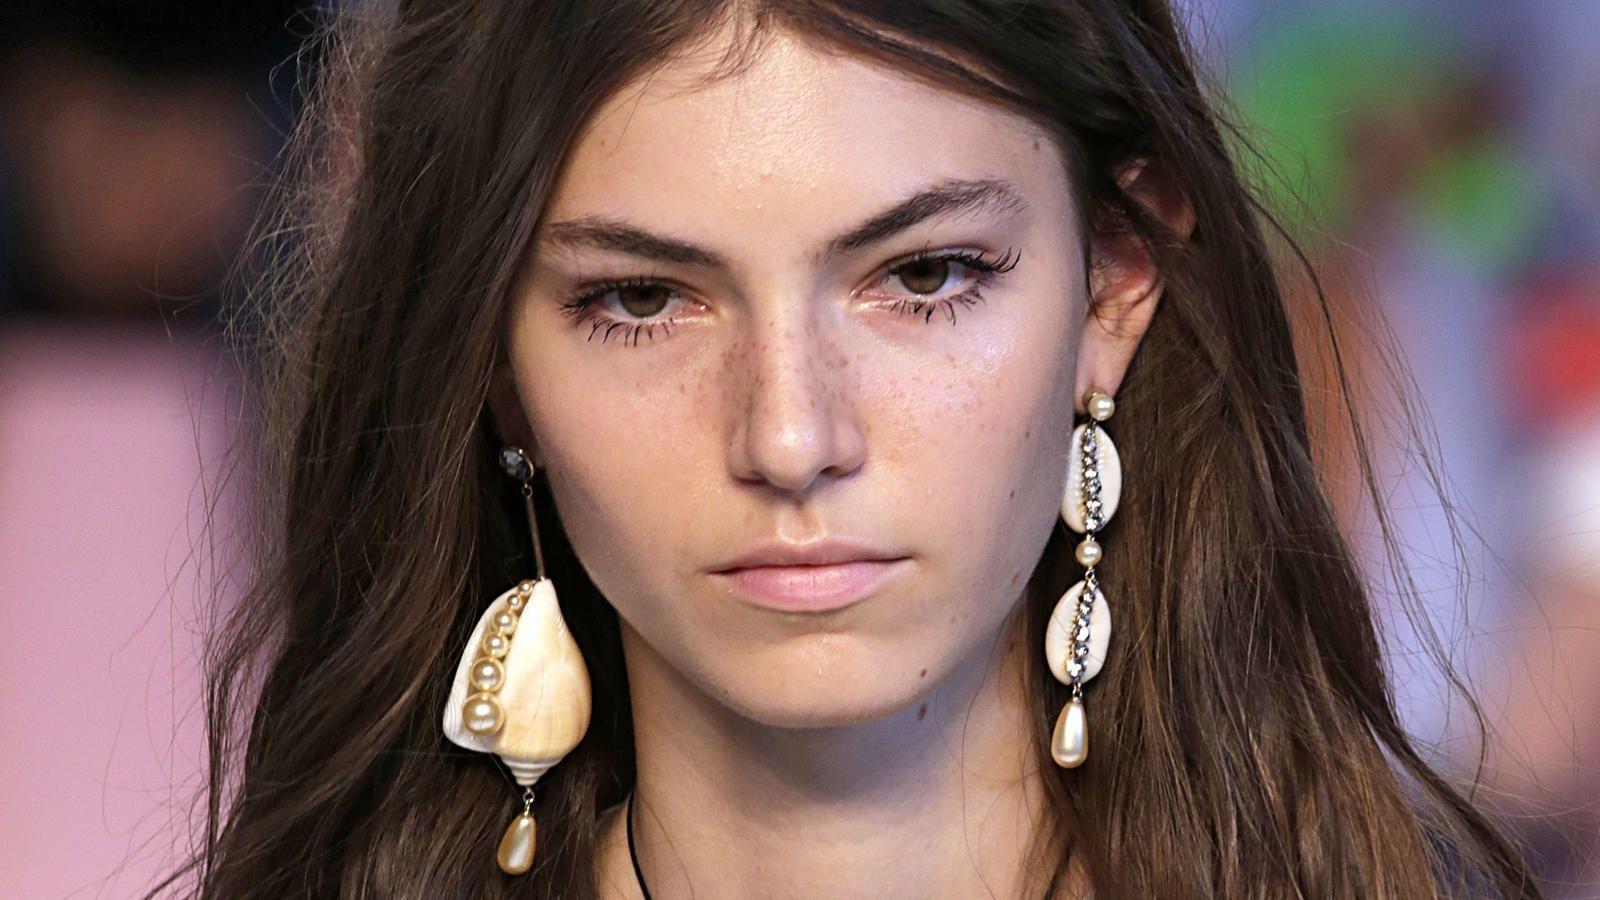 Schmuck-Trends 2019 auffällige Ohrringe Muscheln